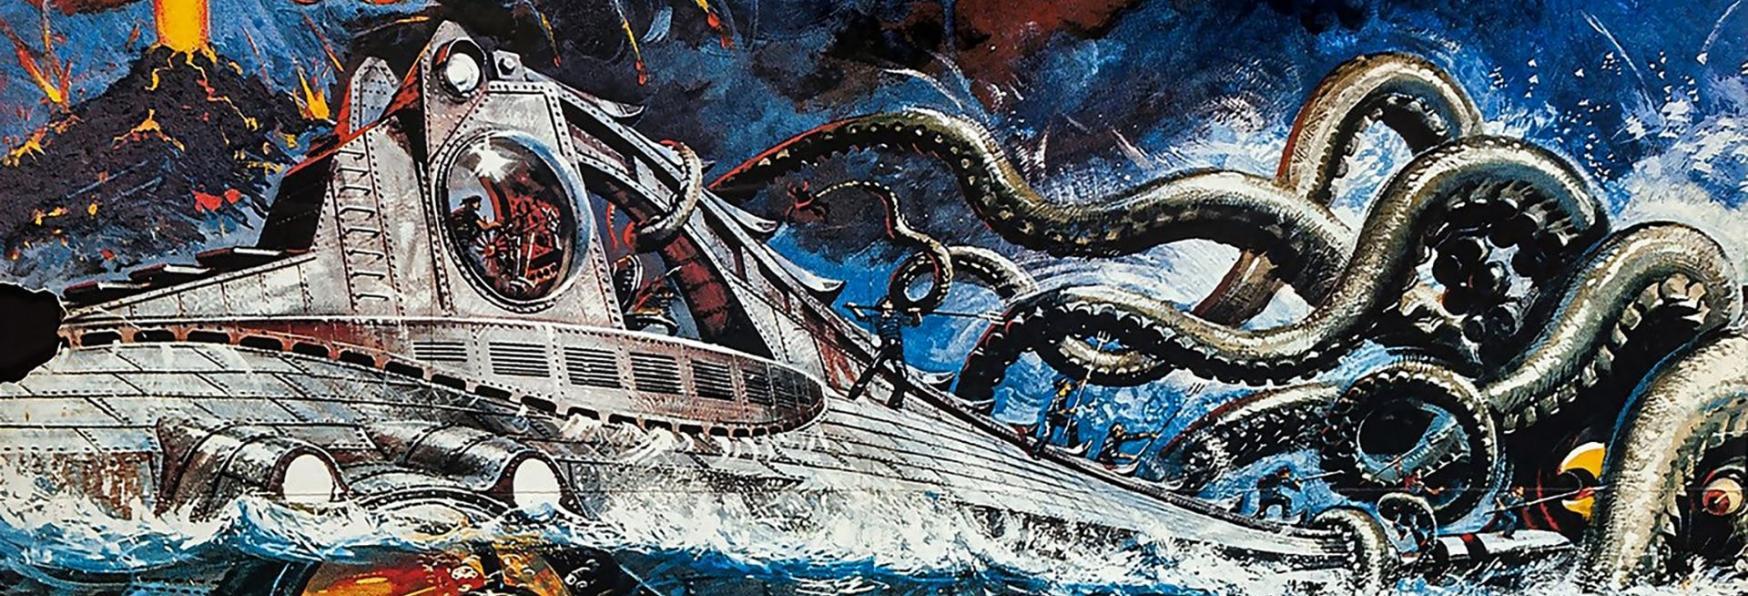 Disney+ annuncia Nautilus, la nuova Serie TV basata su Ventimila Leghe Sotto i Mari